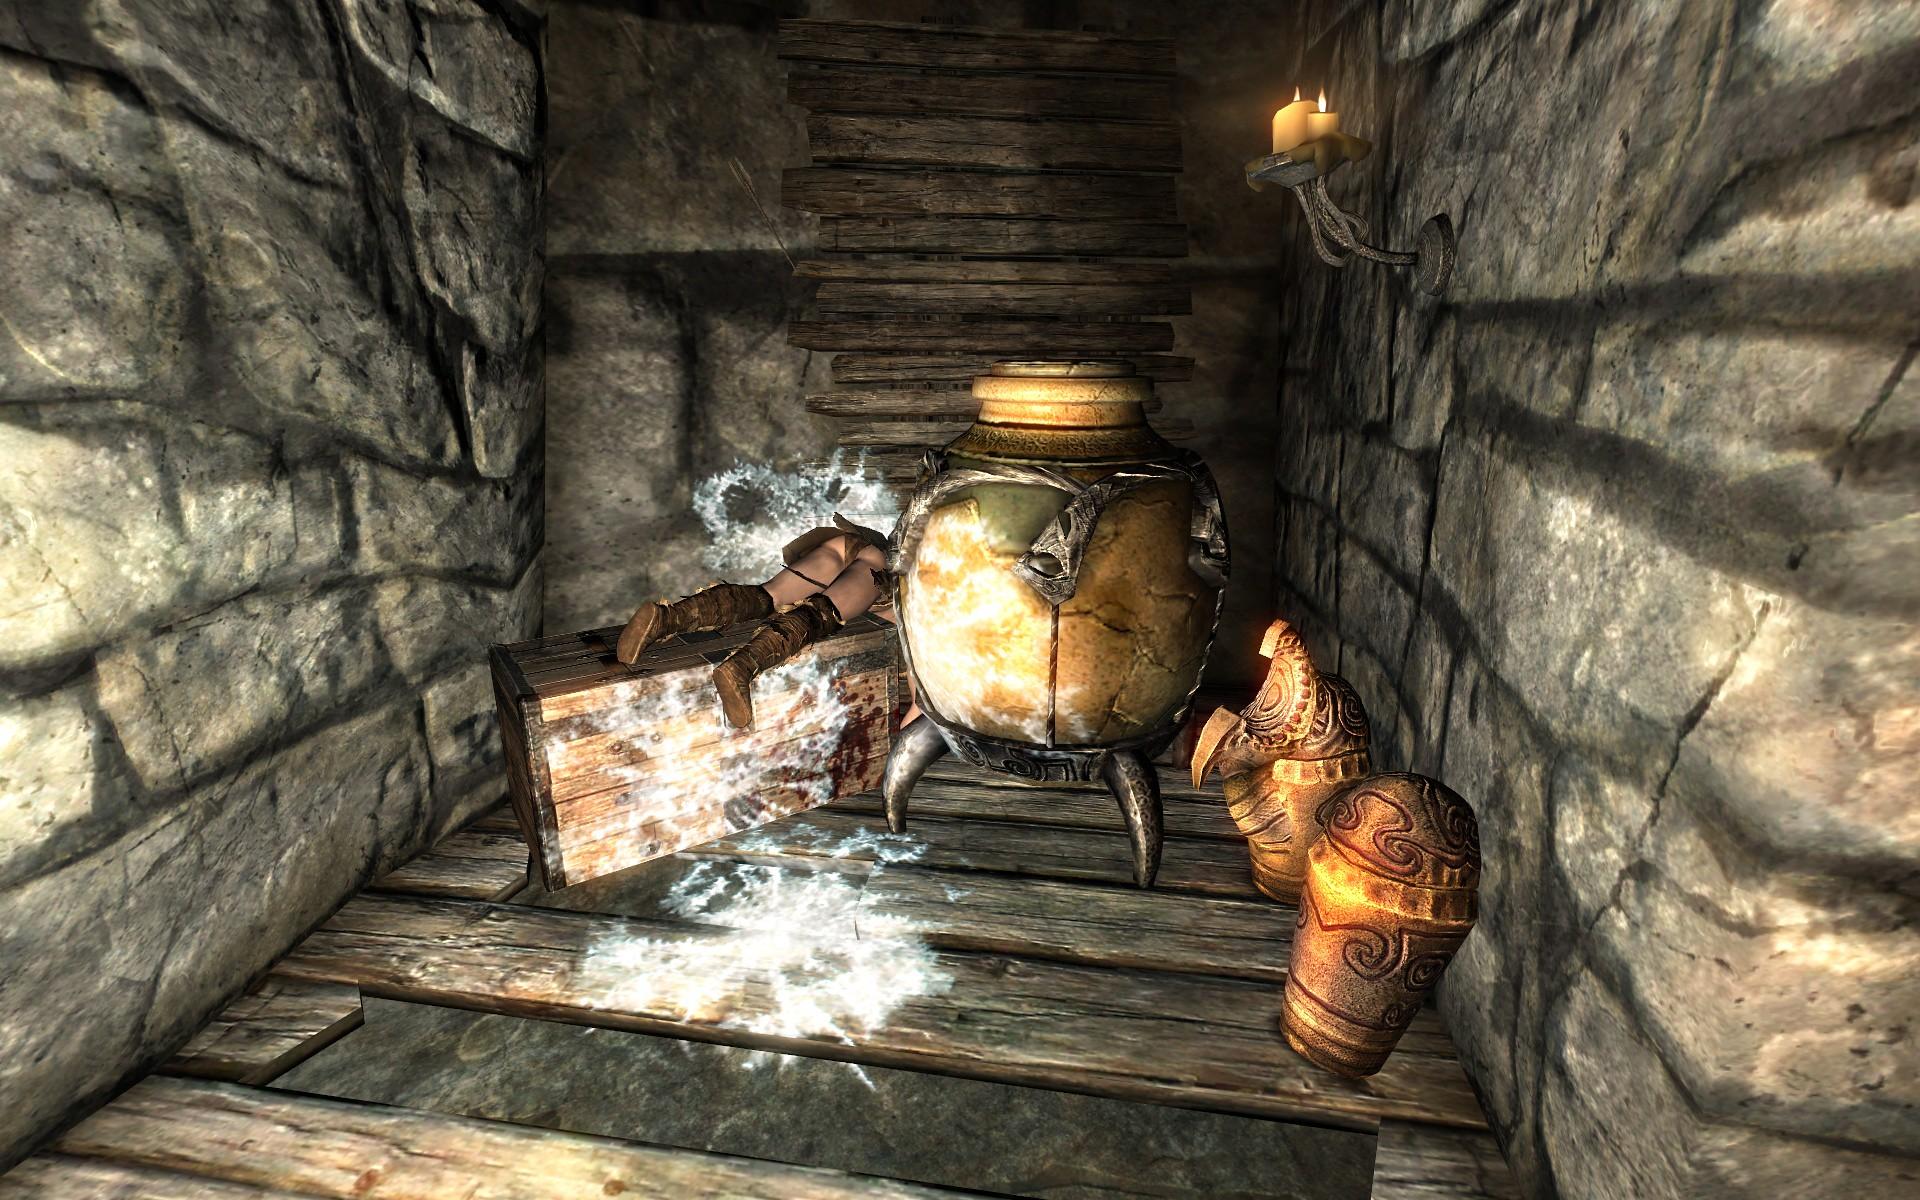 14380353167_02e69b5d6b_k.jpg - The Elder Scrolls 5: Skyrim